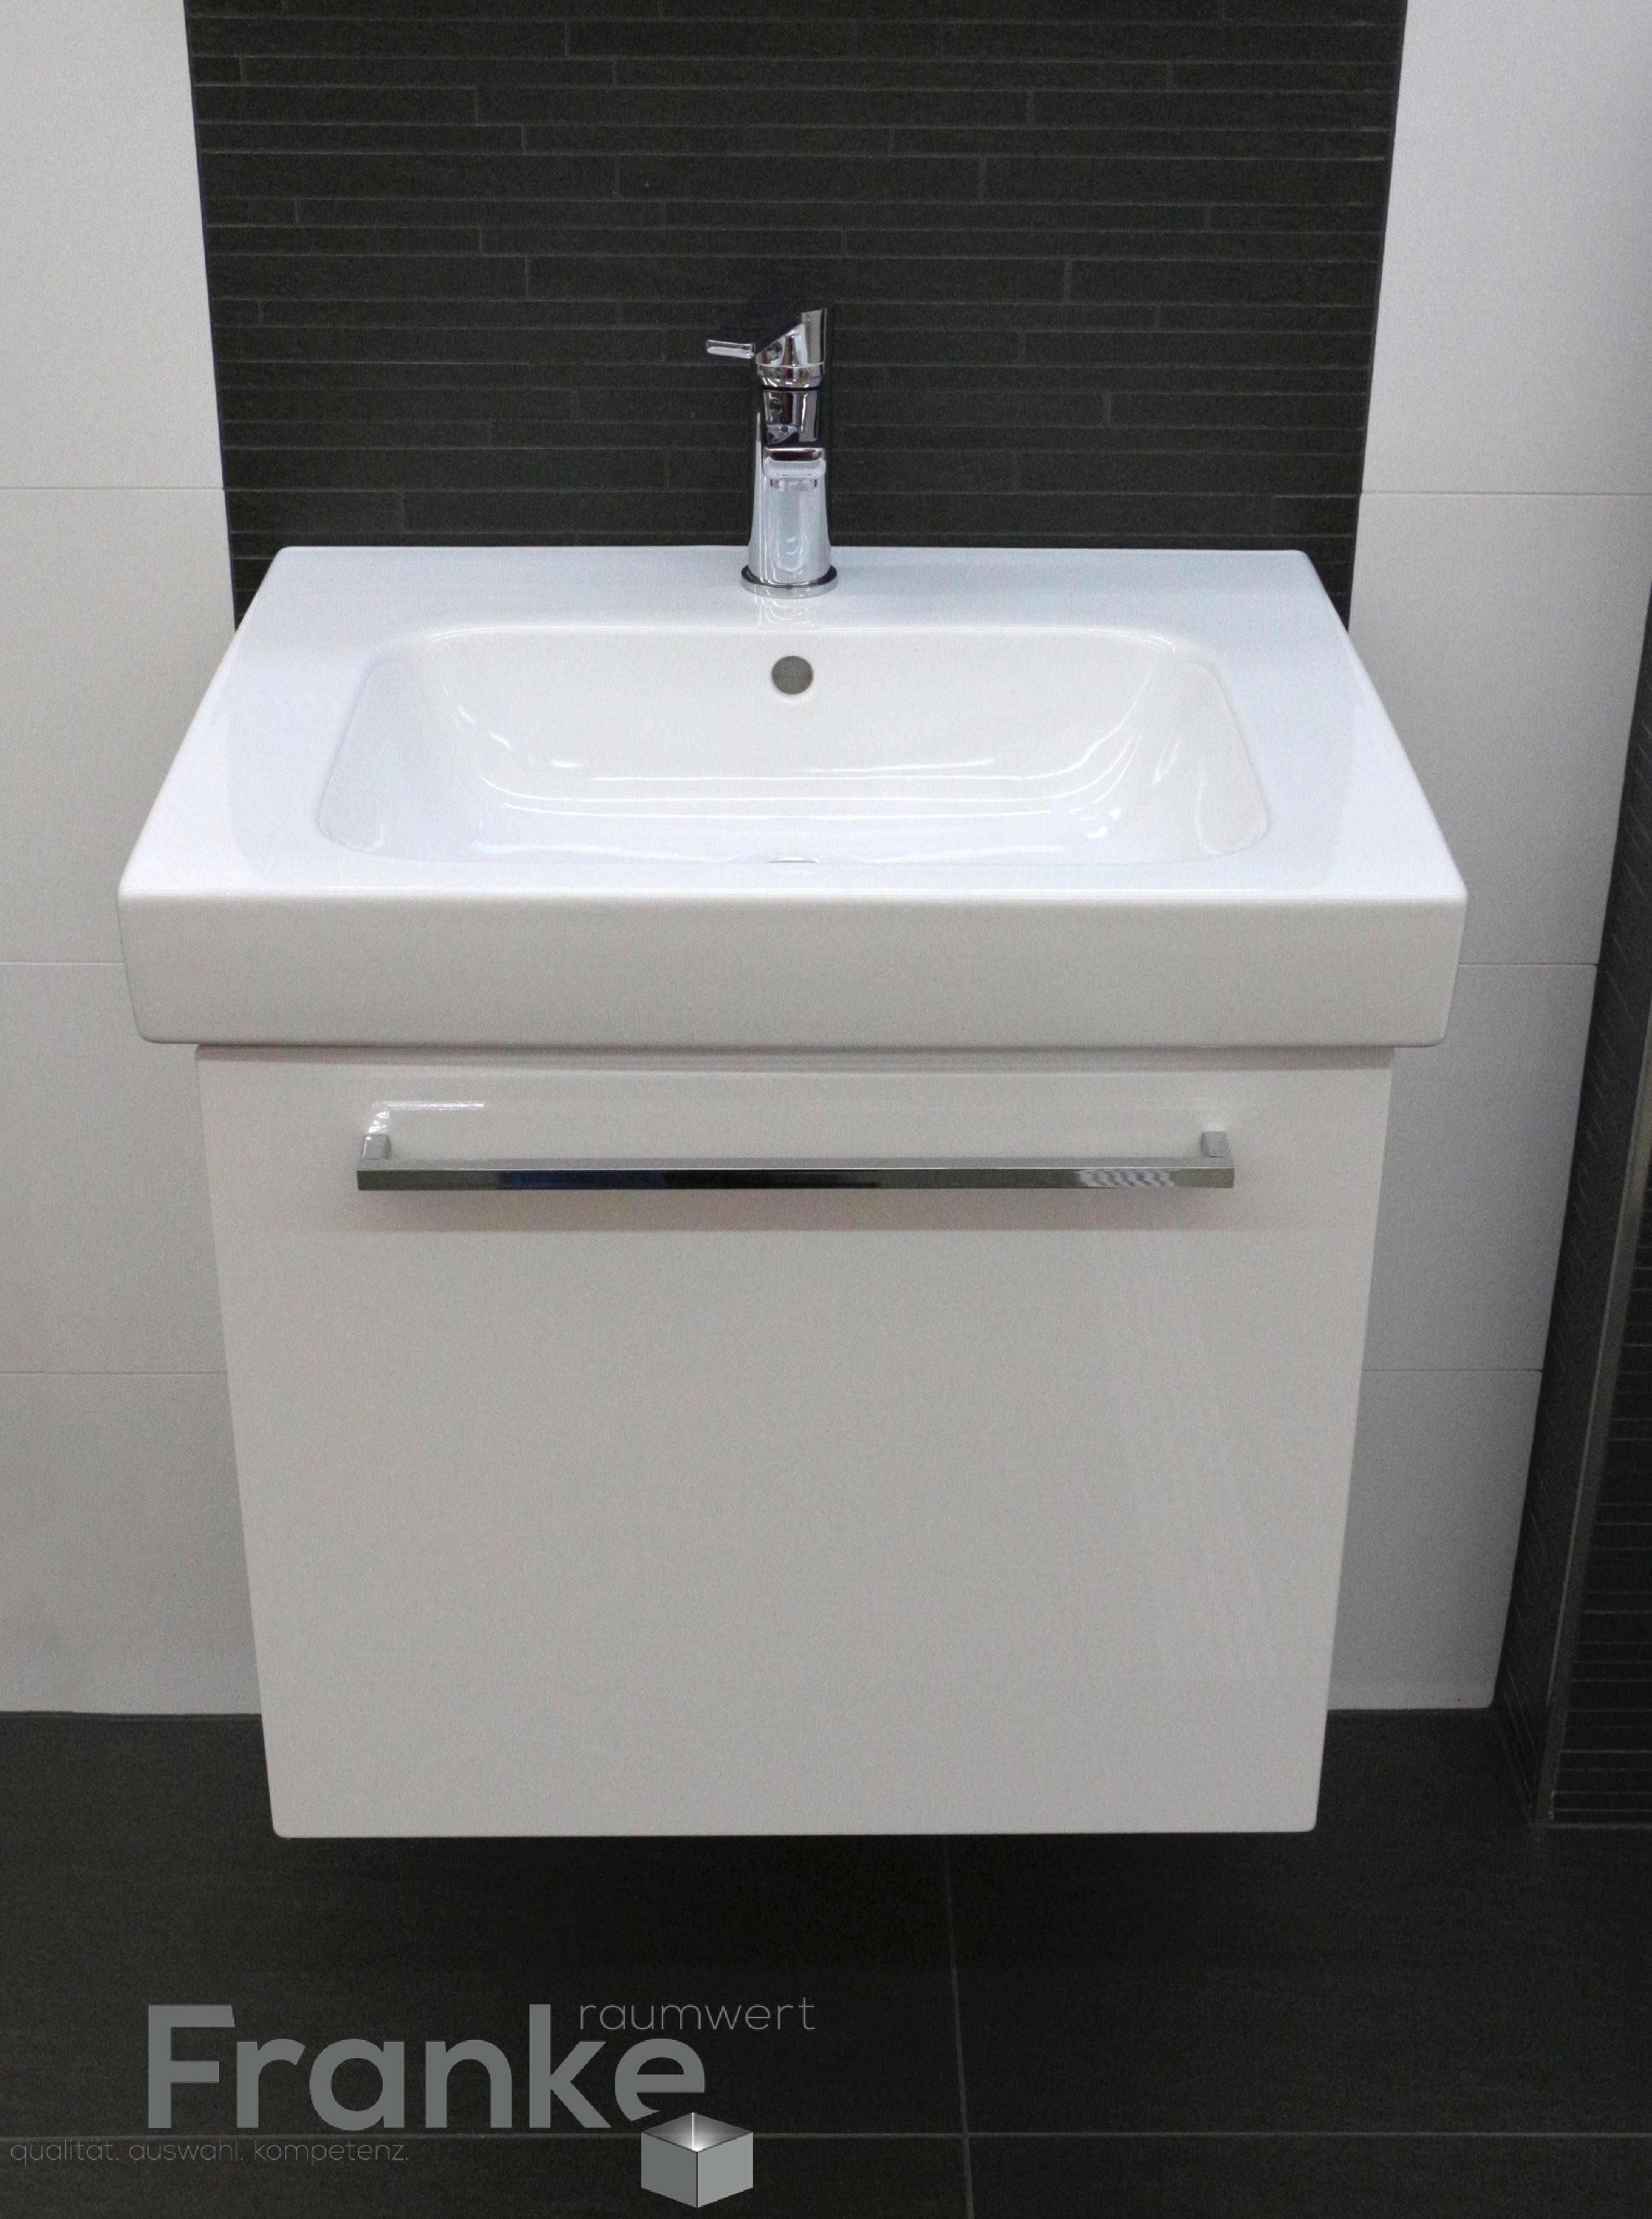 Badezimmer Im Klassischen Schwarz Weiss Look Hier Com Einem Waschtisch Unterschrank Reuter